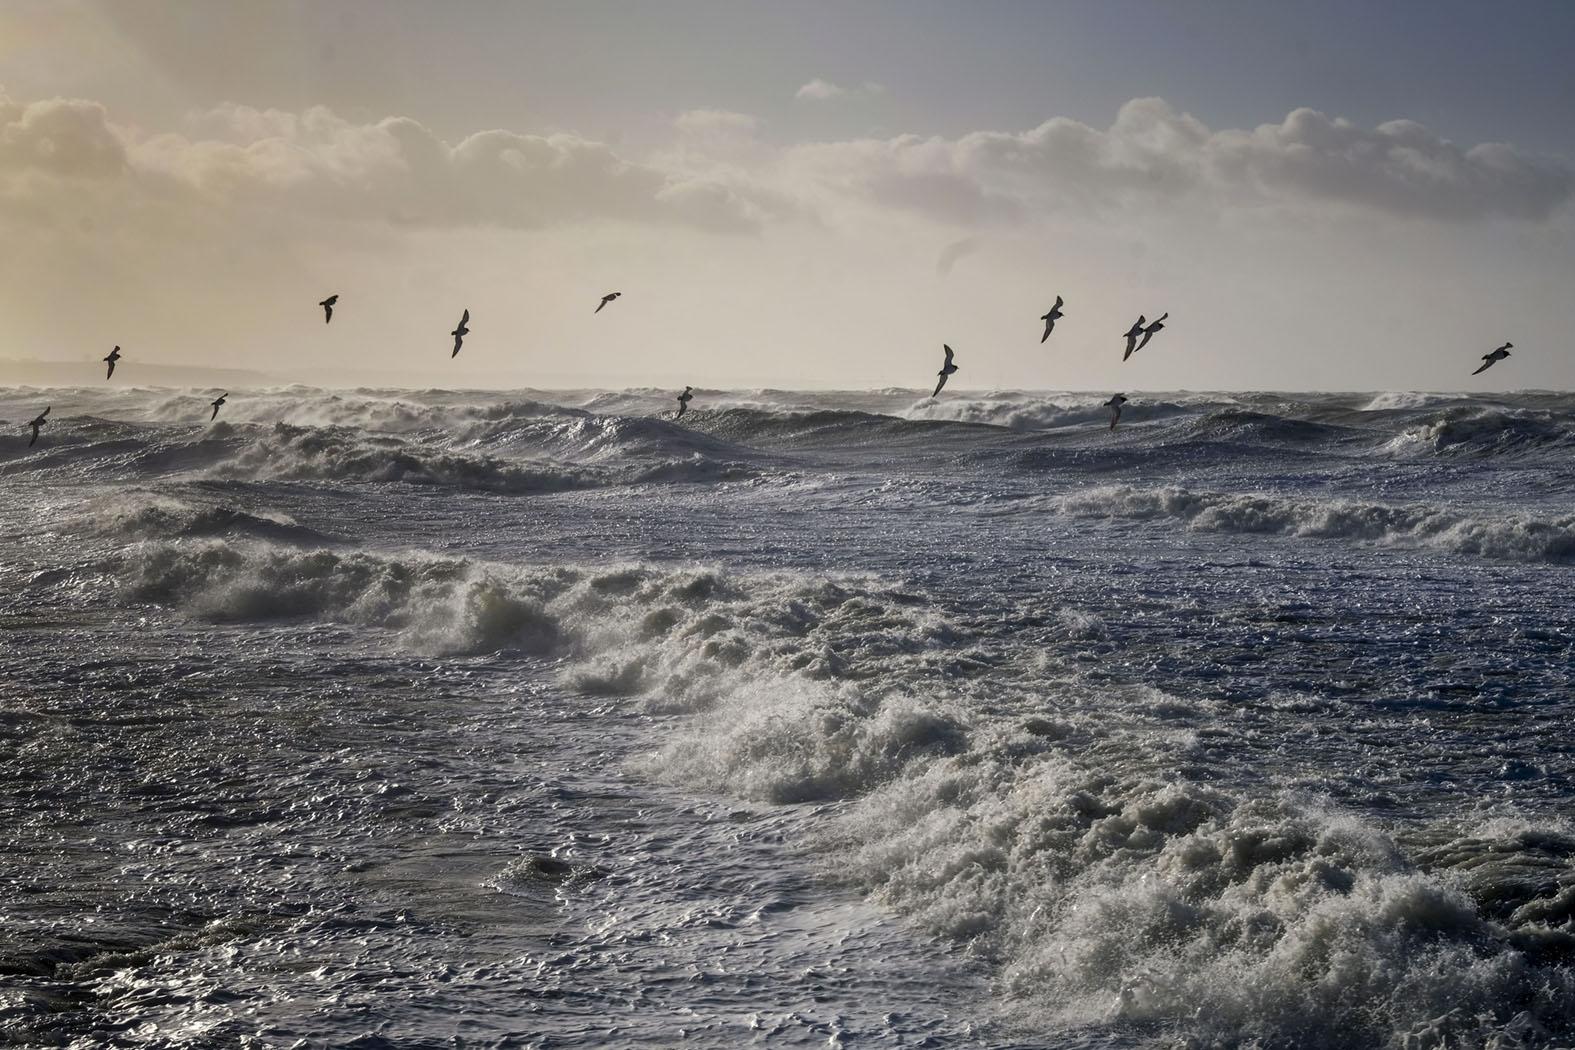 Sturm vor Audresselles © Michael Kneffel